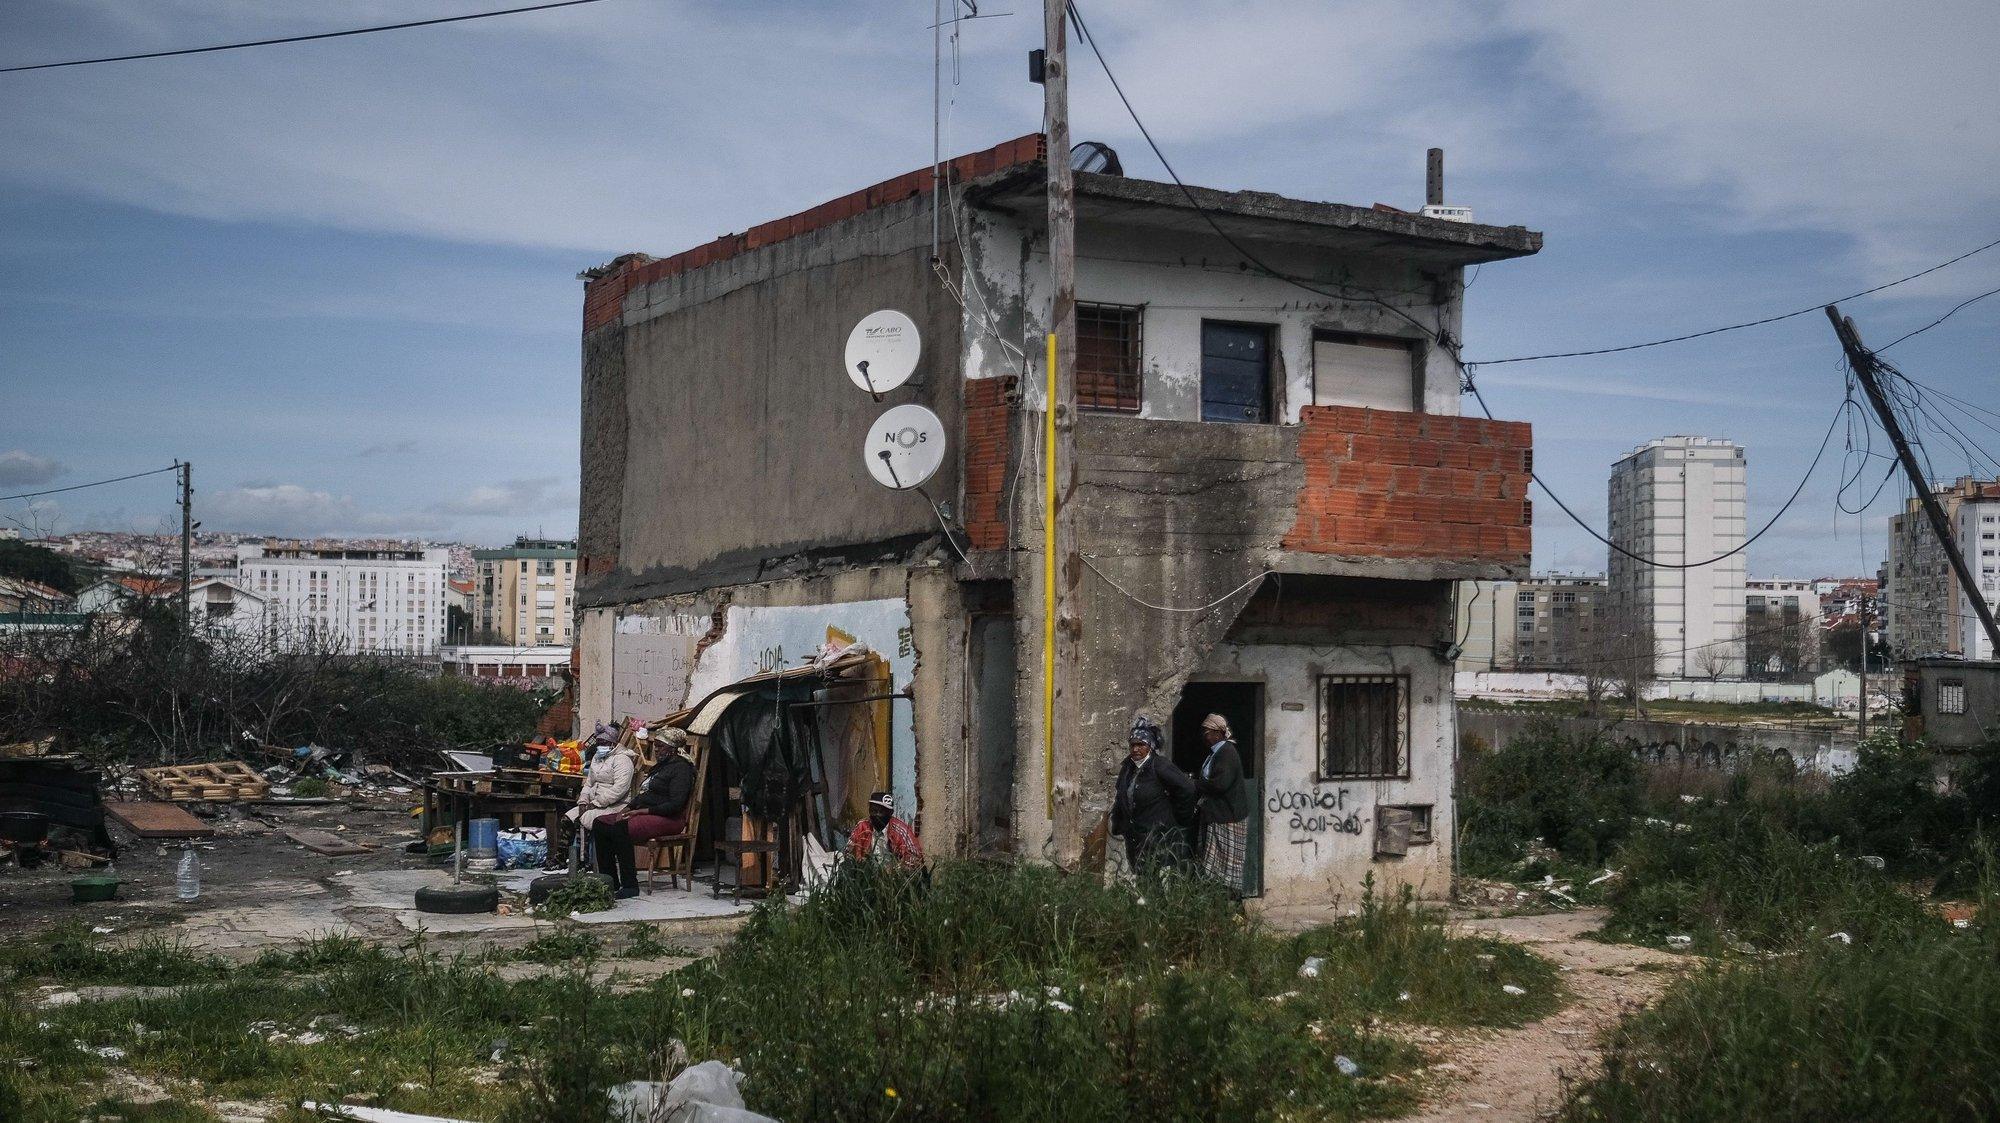 Uma das últimas habitações do bairro 6 de maio, Amadora, 12 de março de 2021. O bairro 6 de Maio é um núcleo precário de habitação, que integrou o PER – Programa Especial de Realojamento, lançado em 1993, em que foram recenseadas 446 famílias, a erradicação do bairro encontra-se na fase final. (ACOMPANHA TEXTO DO DIA  19 MARÇO 2021 ) MÁRIO CRUZ/LUSA